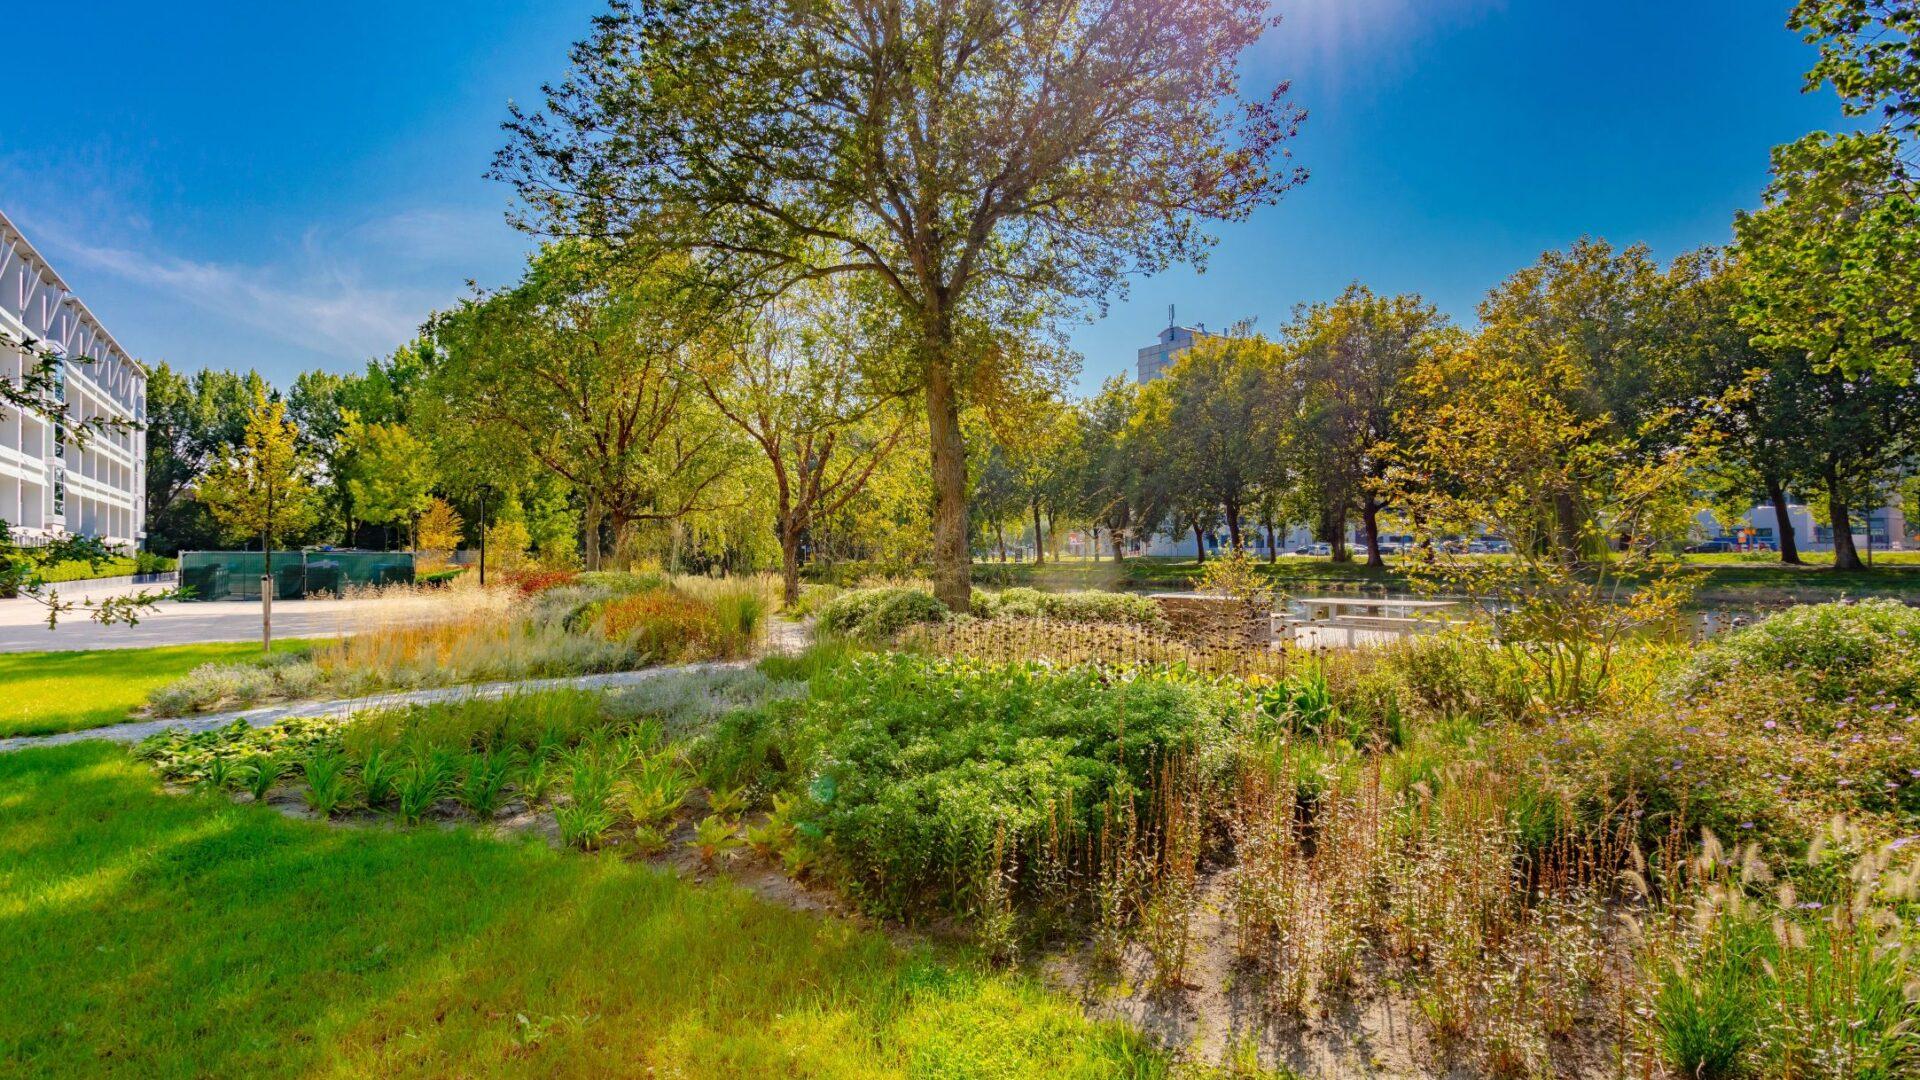 Ontwerp en aanleg park Delft beplanting boomverzorging